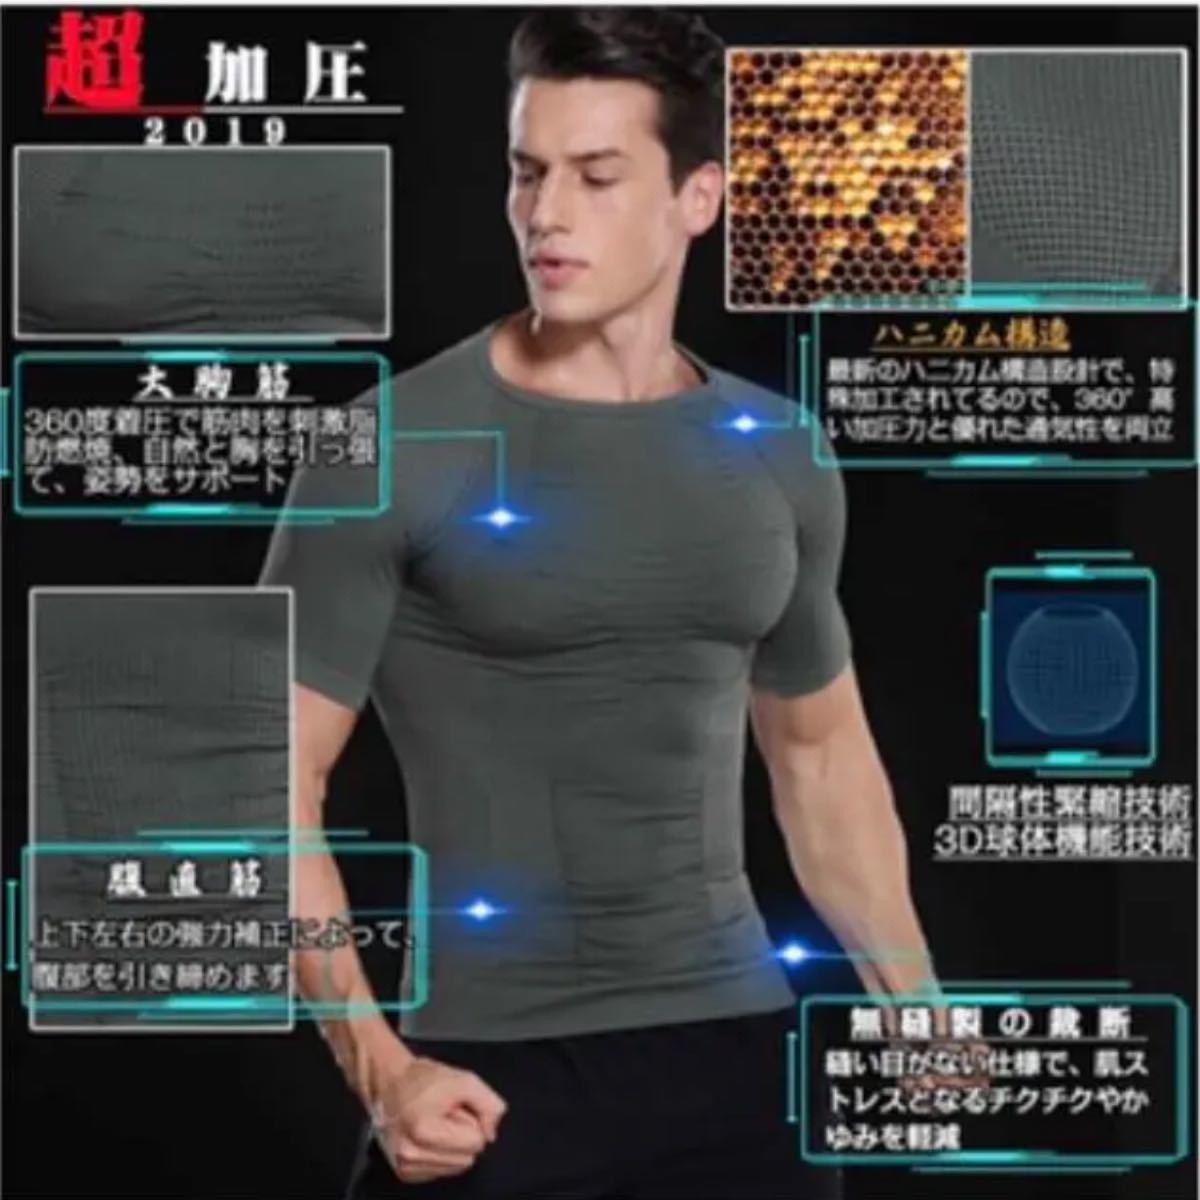 加圧インナー シャツ メンズ コンプレッションウェア 半袖 Tシャツ スポーツシャツ ダイエット